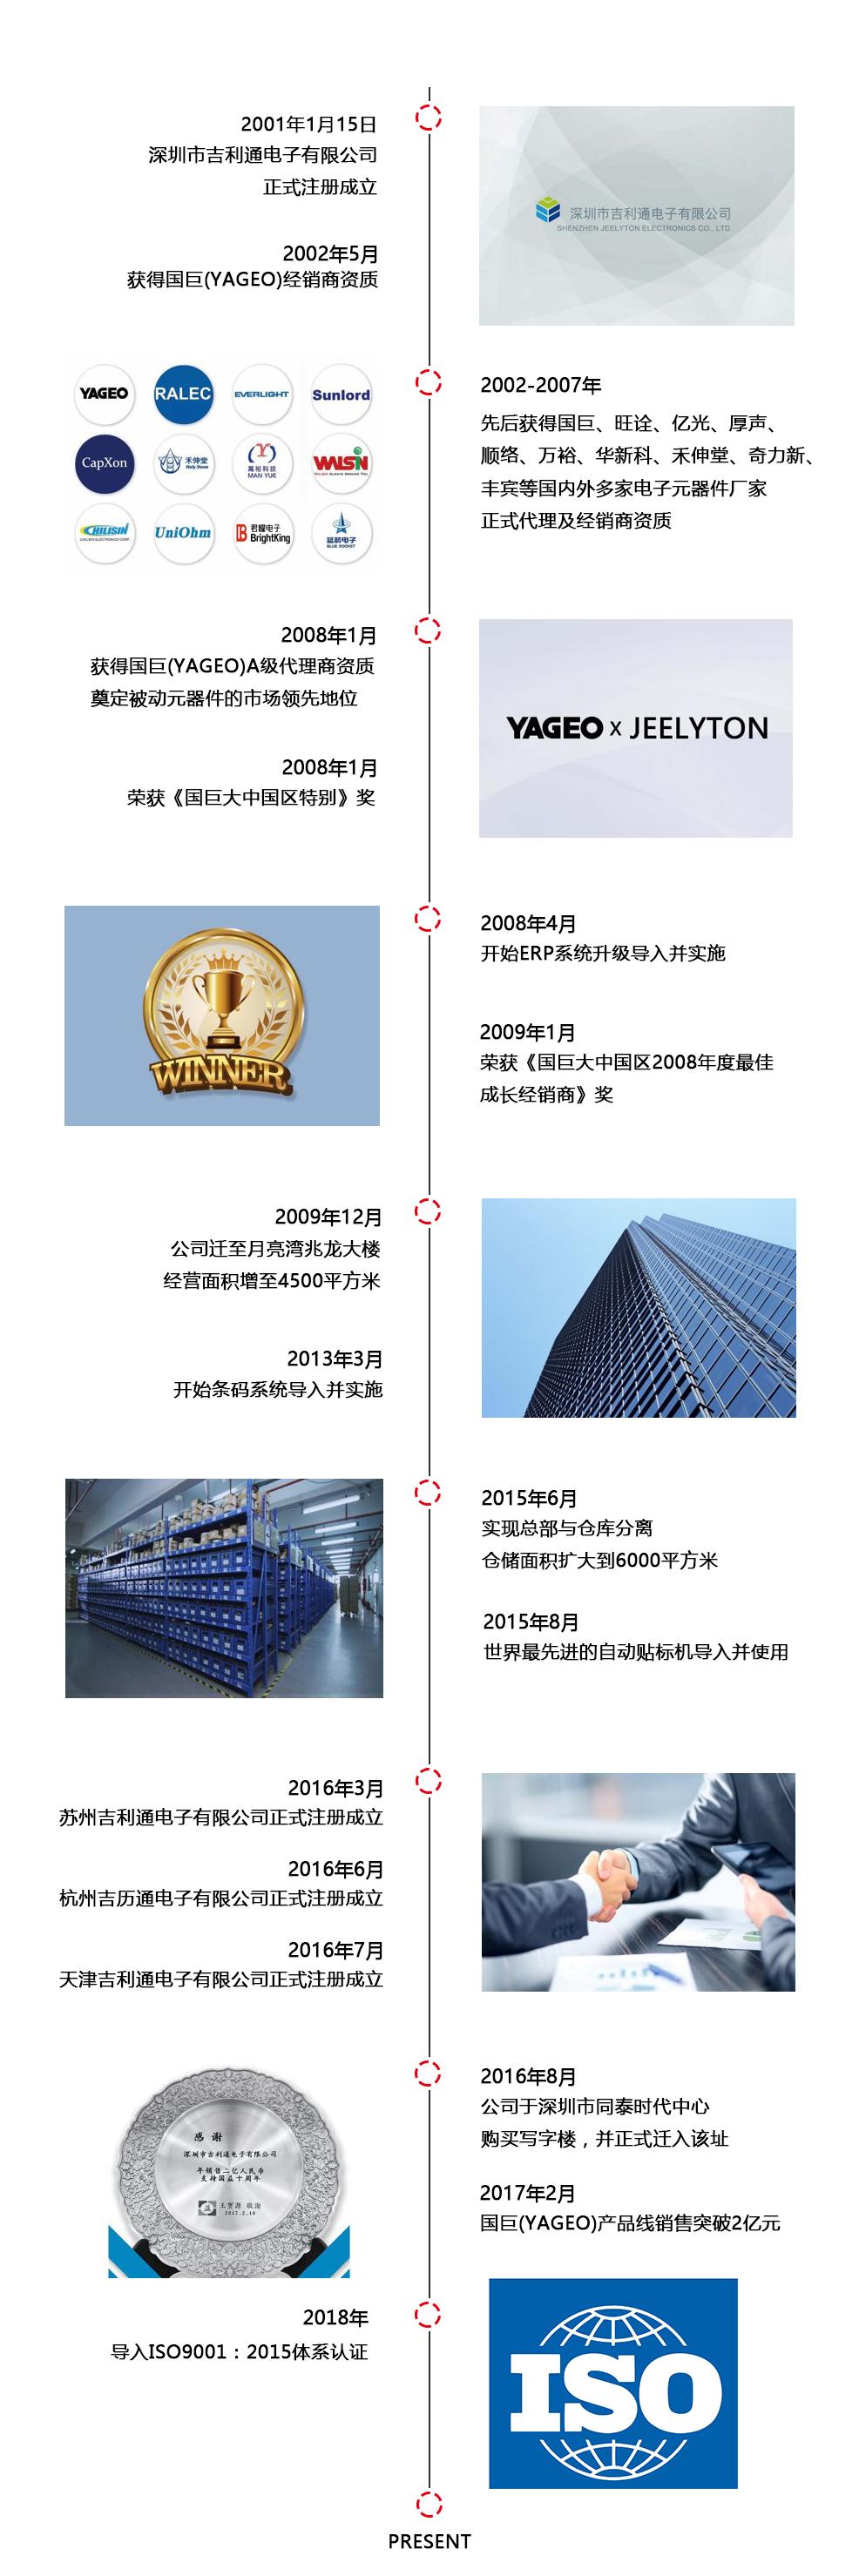 企业历程排版中文NEW.jpg